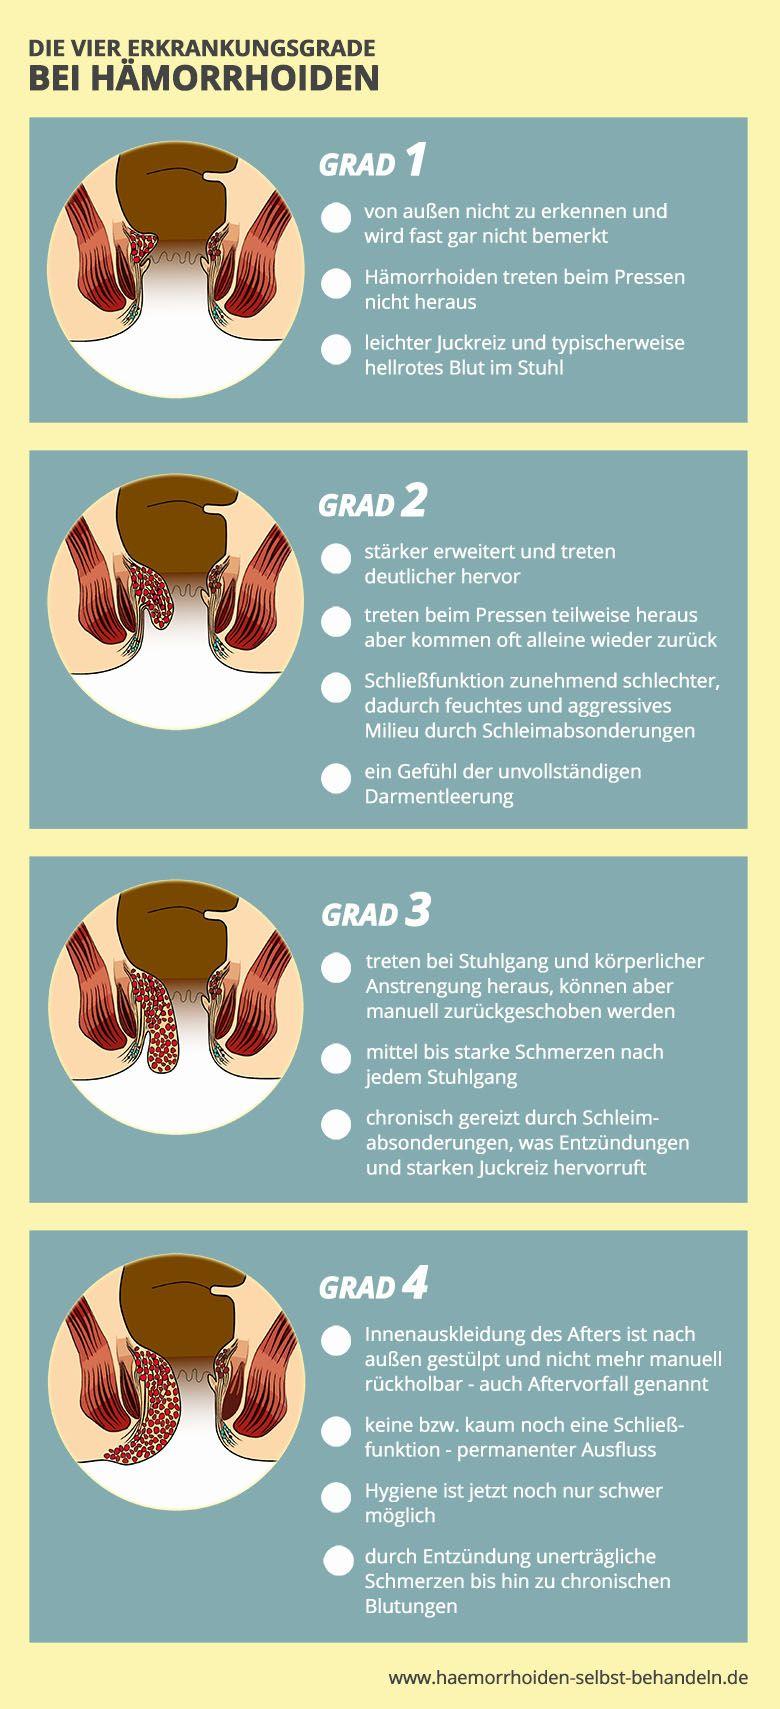 Die vier (4) Erkrankungsgrade bei Hämorrhoiden ...